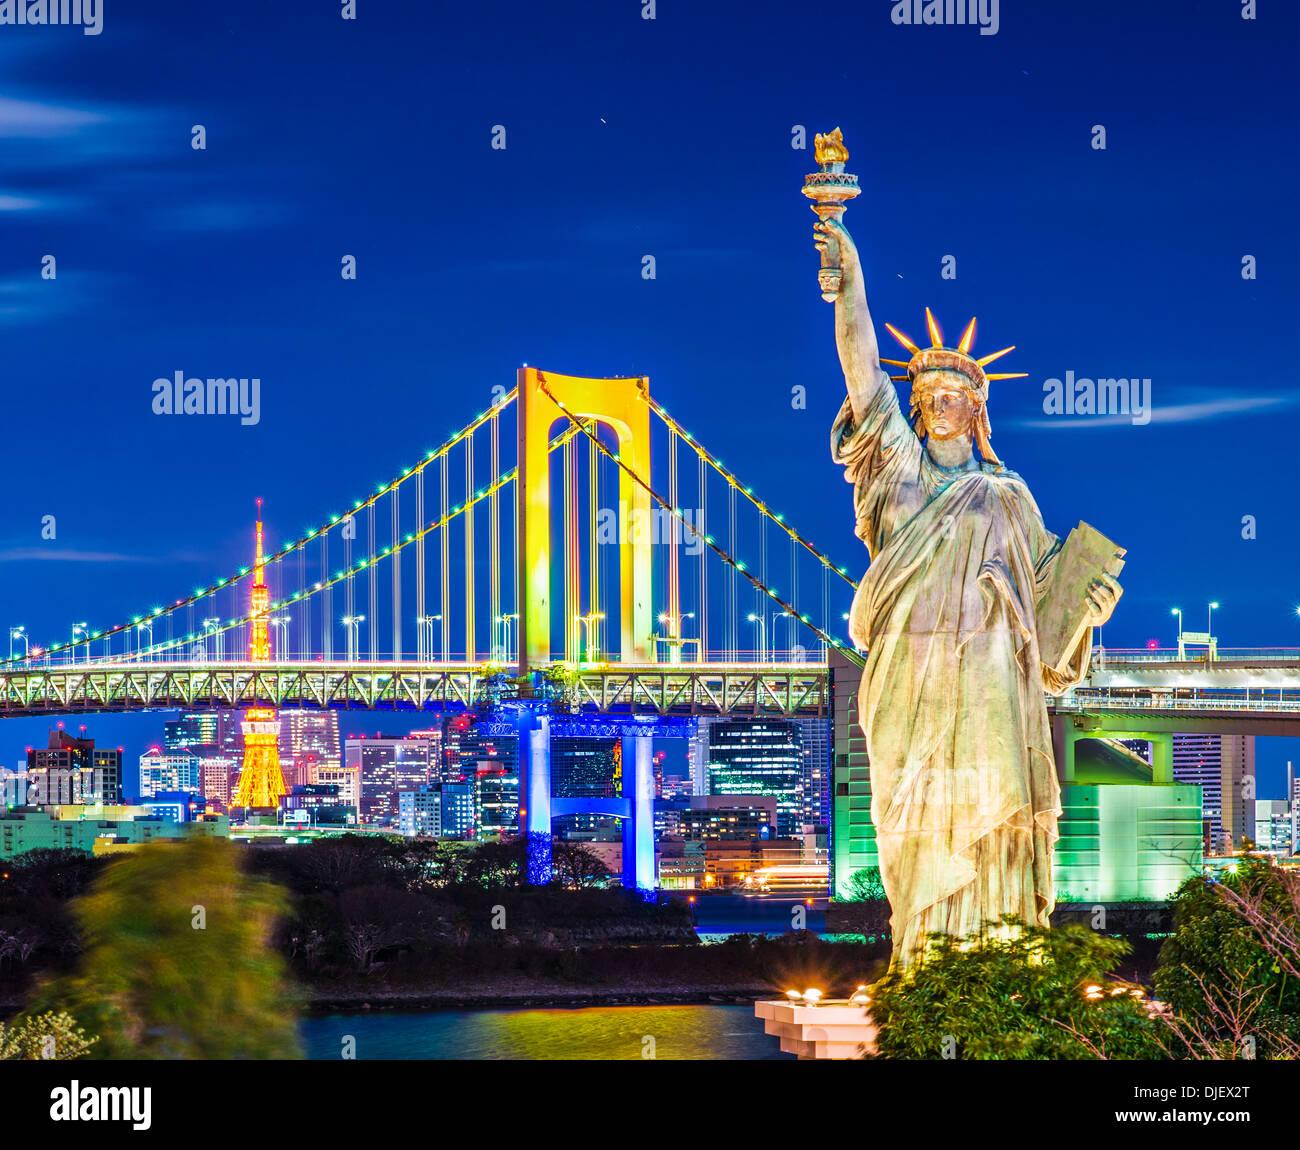 Famou landmarks of Tokyo, Japan. - Stock Image